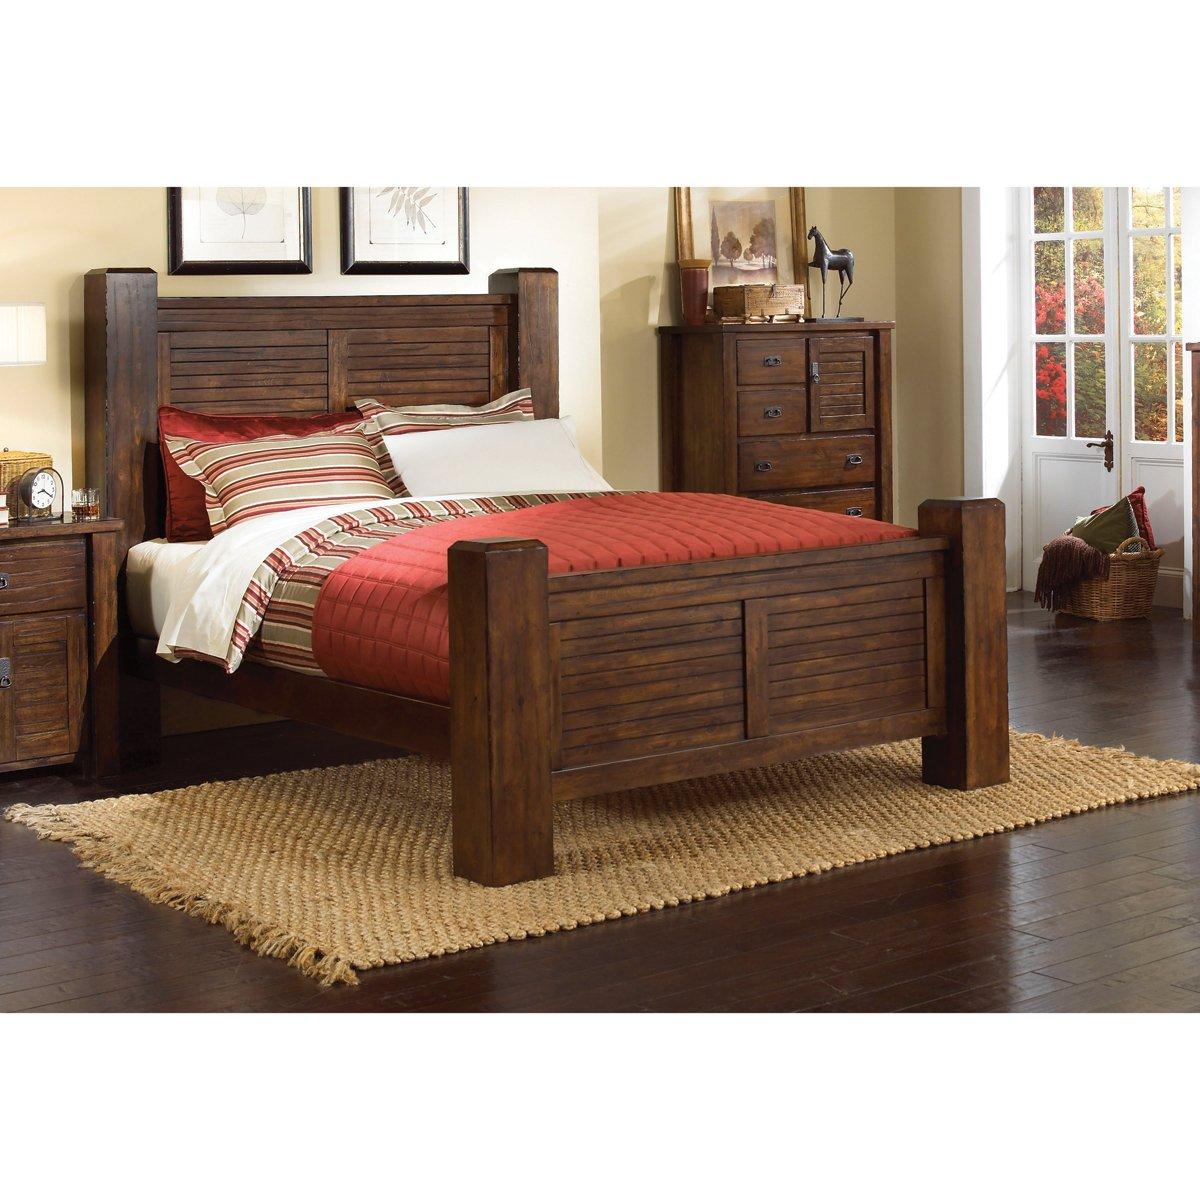 Casual Rustic Dark Pine Queen Bed   Trestlewood